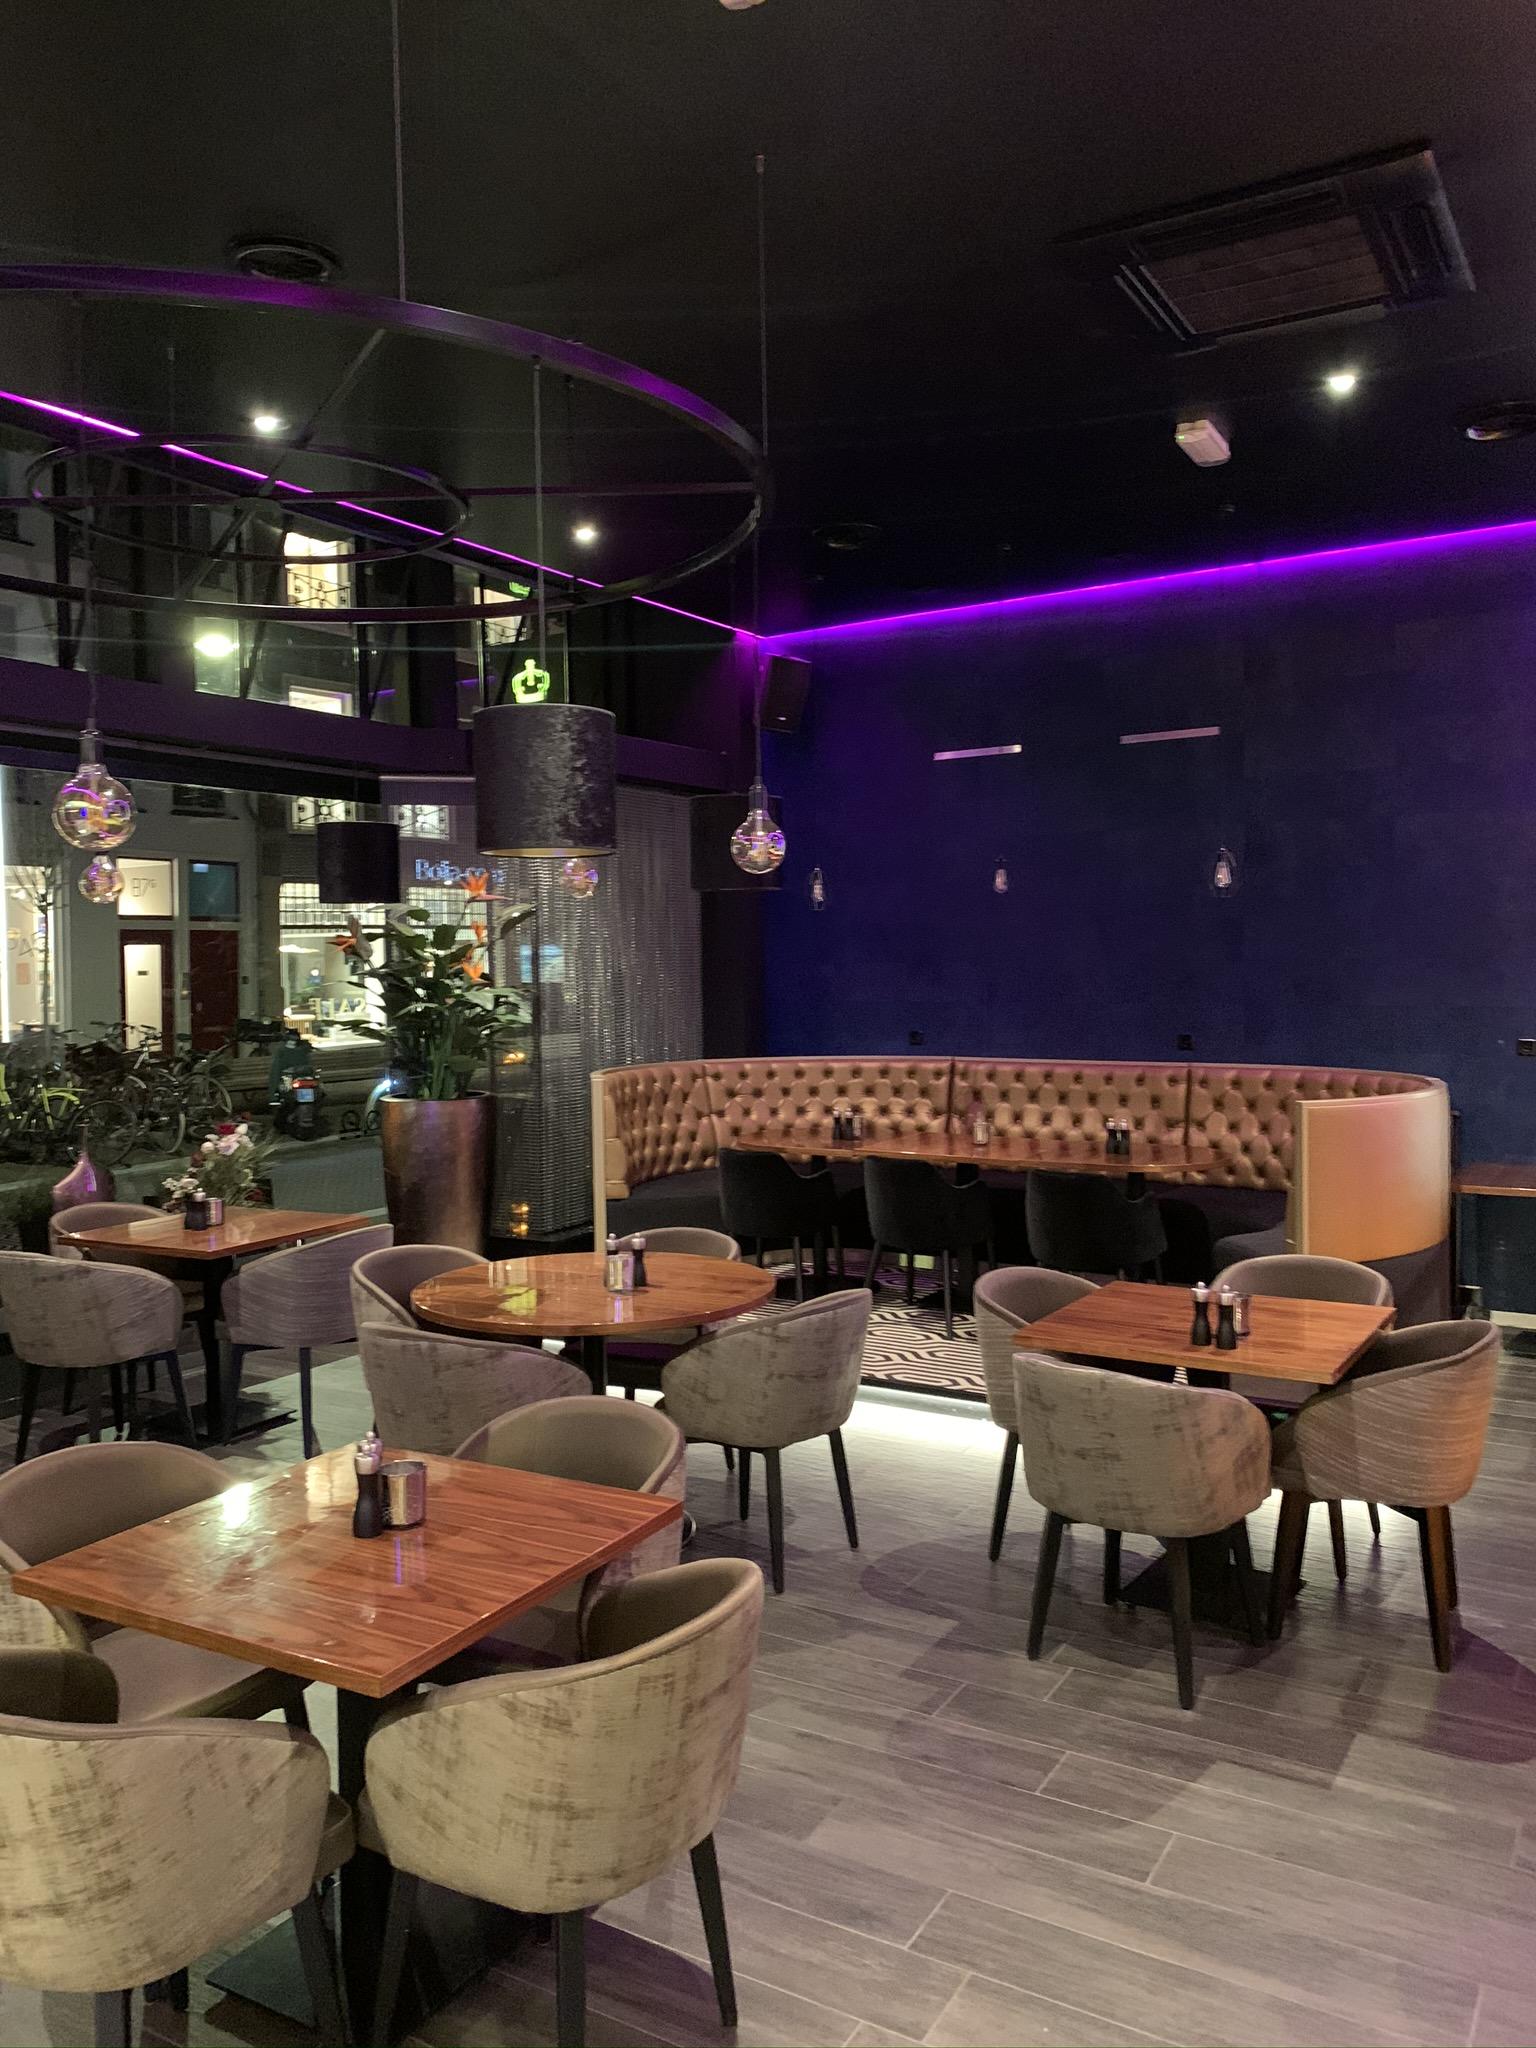 plafonds voor in de horeca met mooie LED sfeerverlichting in kleur